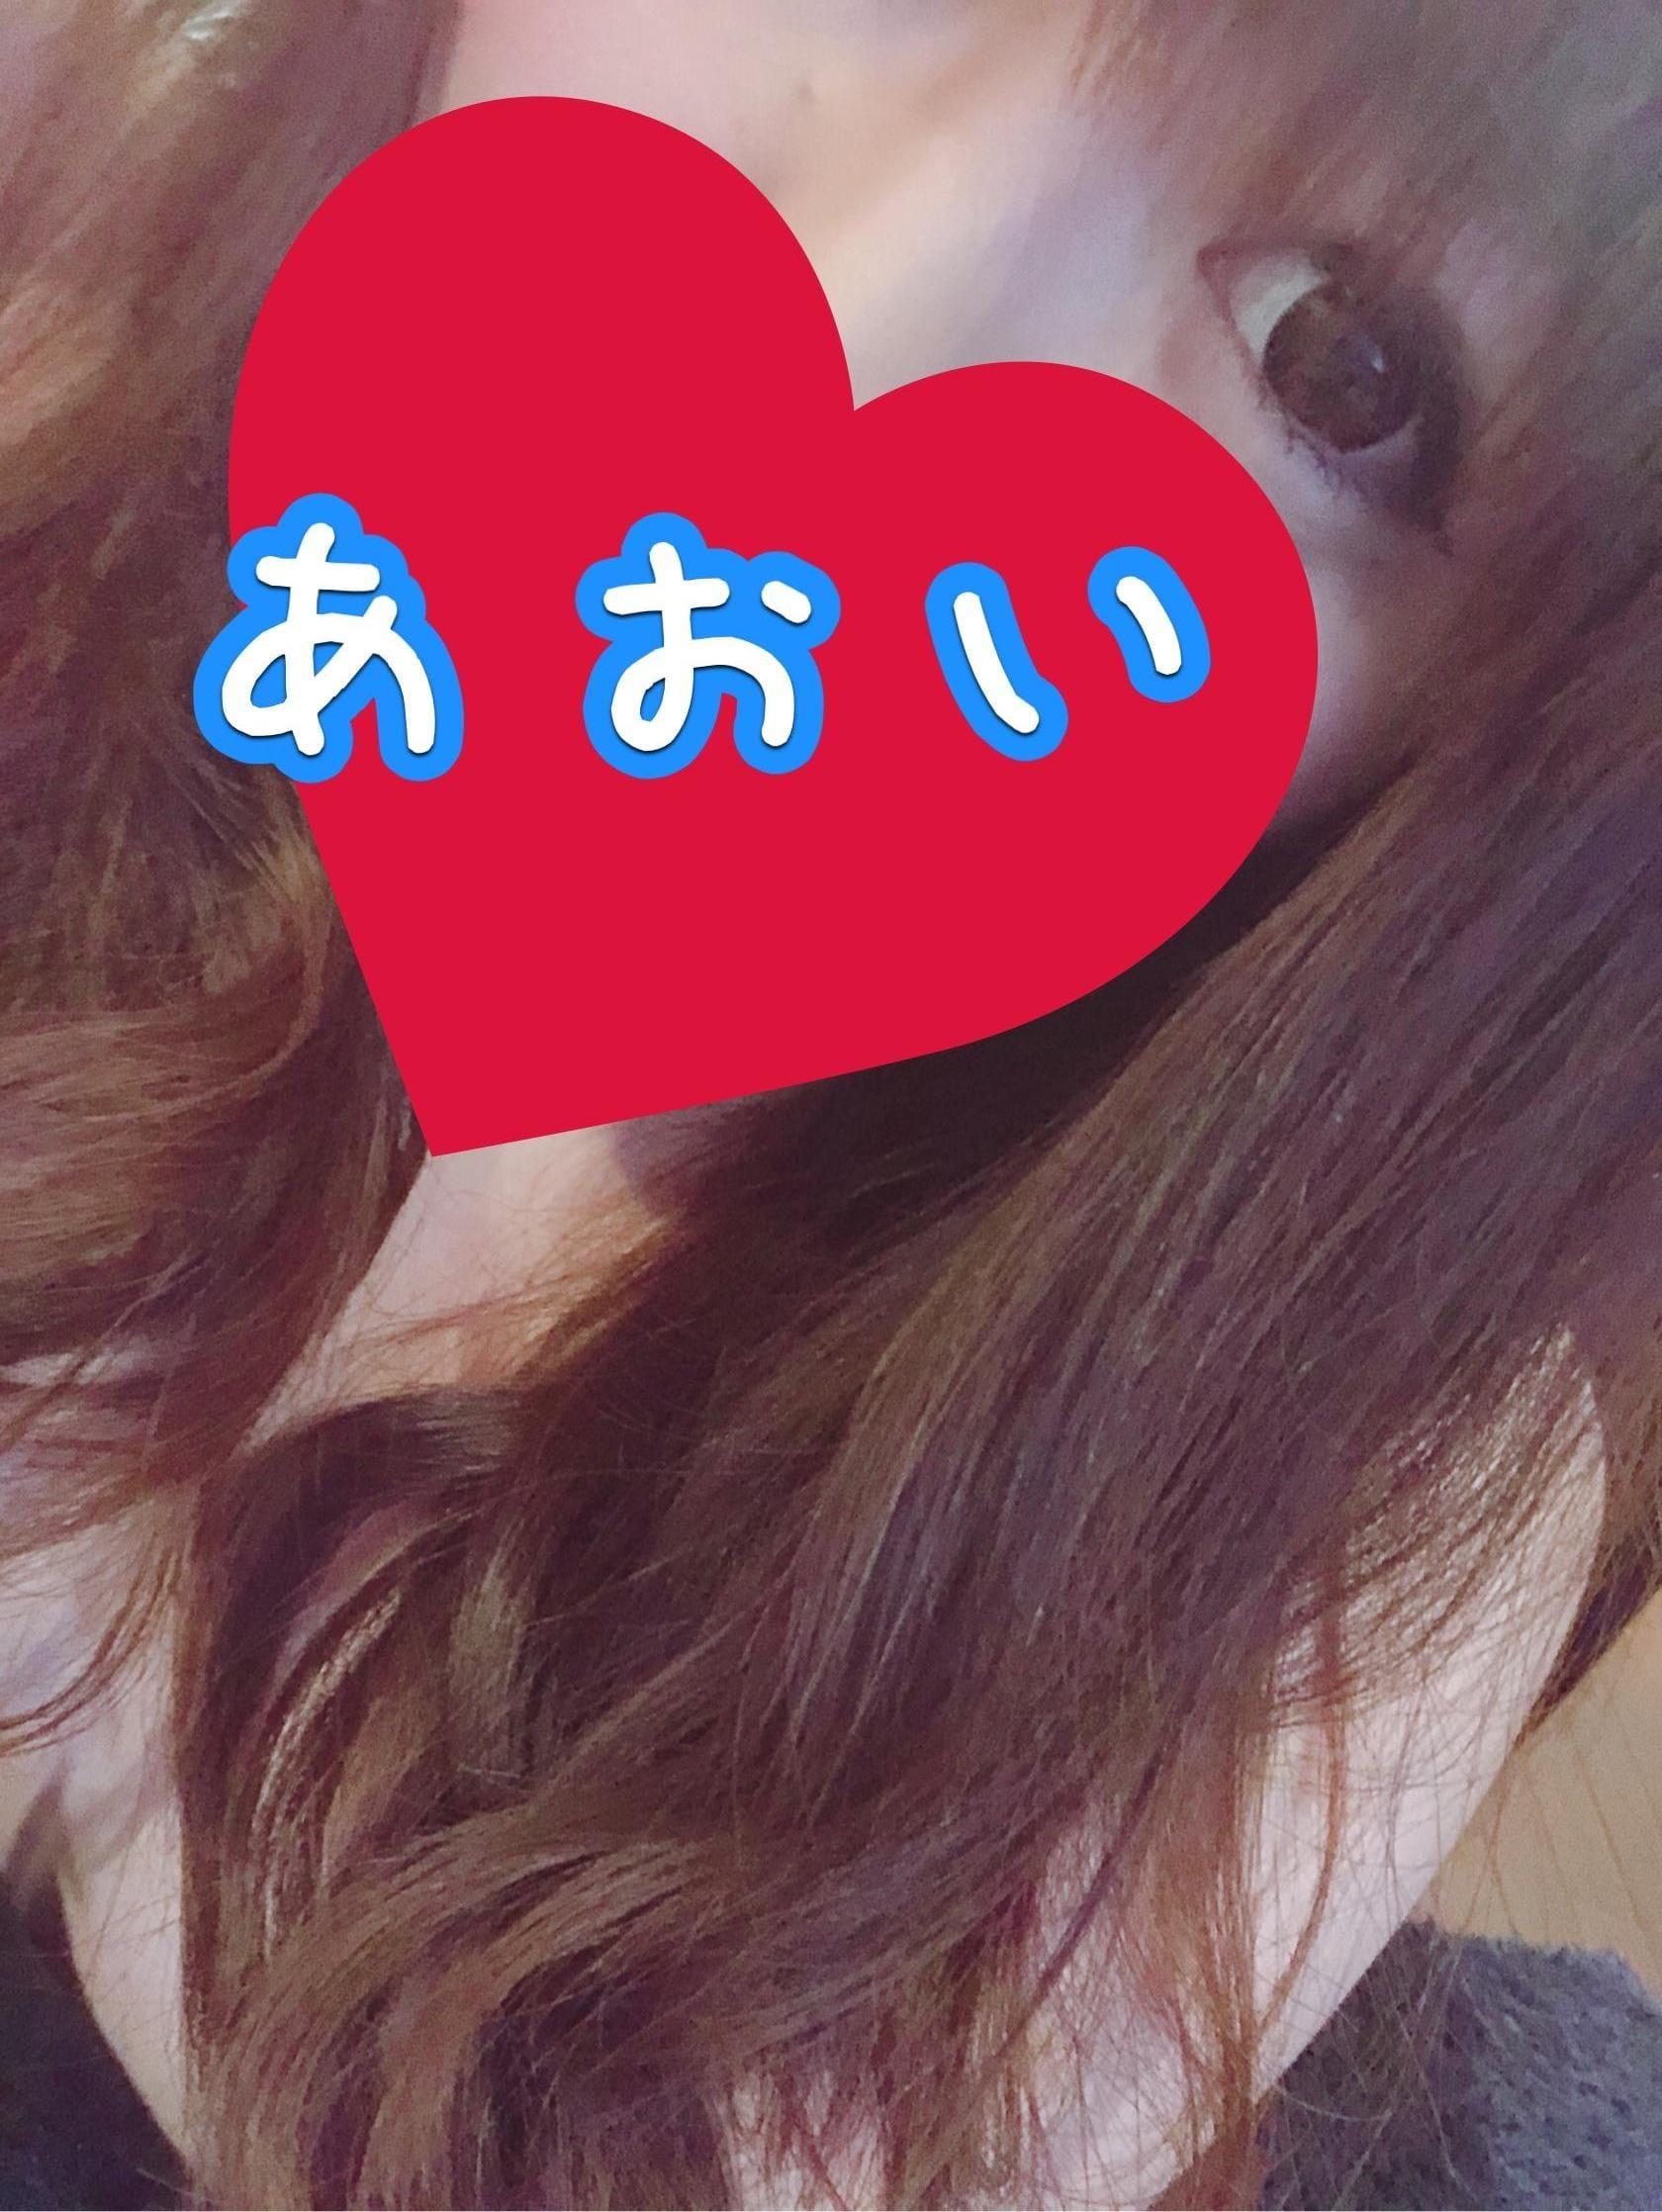 「こんばんは★」05/07(月) 23:56 | あおいの写メ・風俗動画